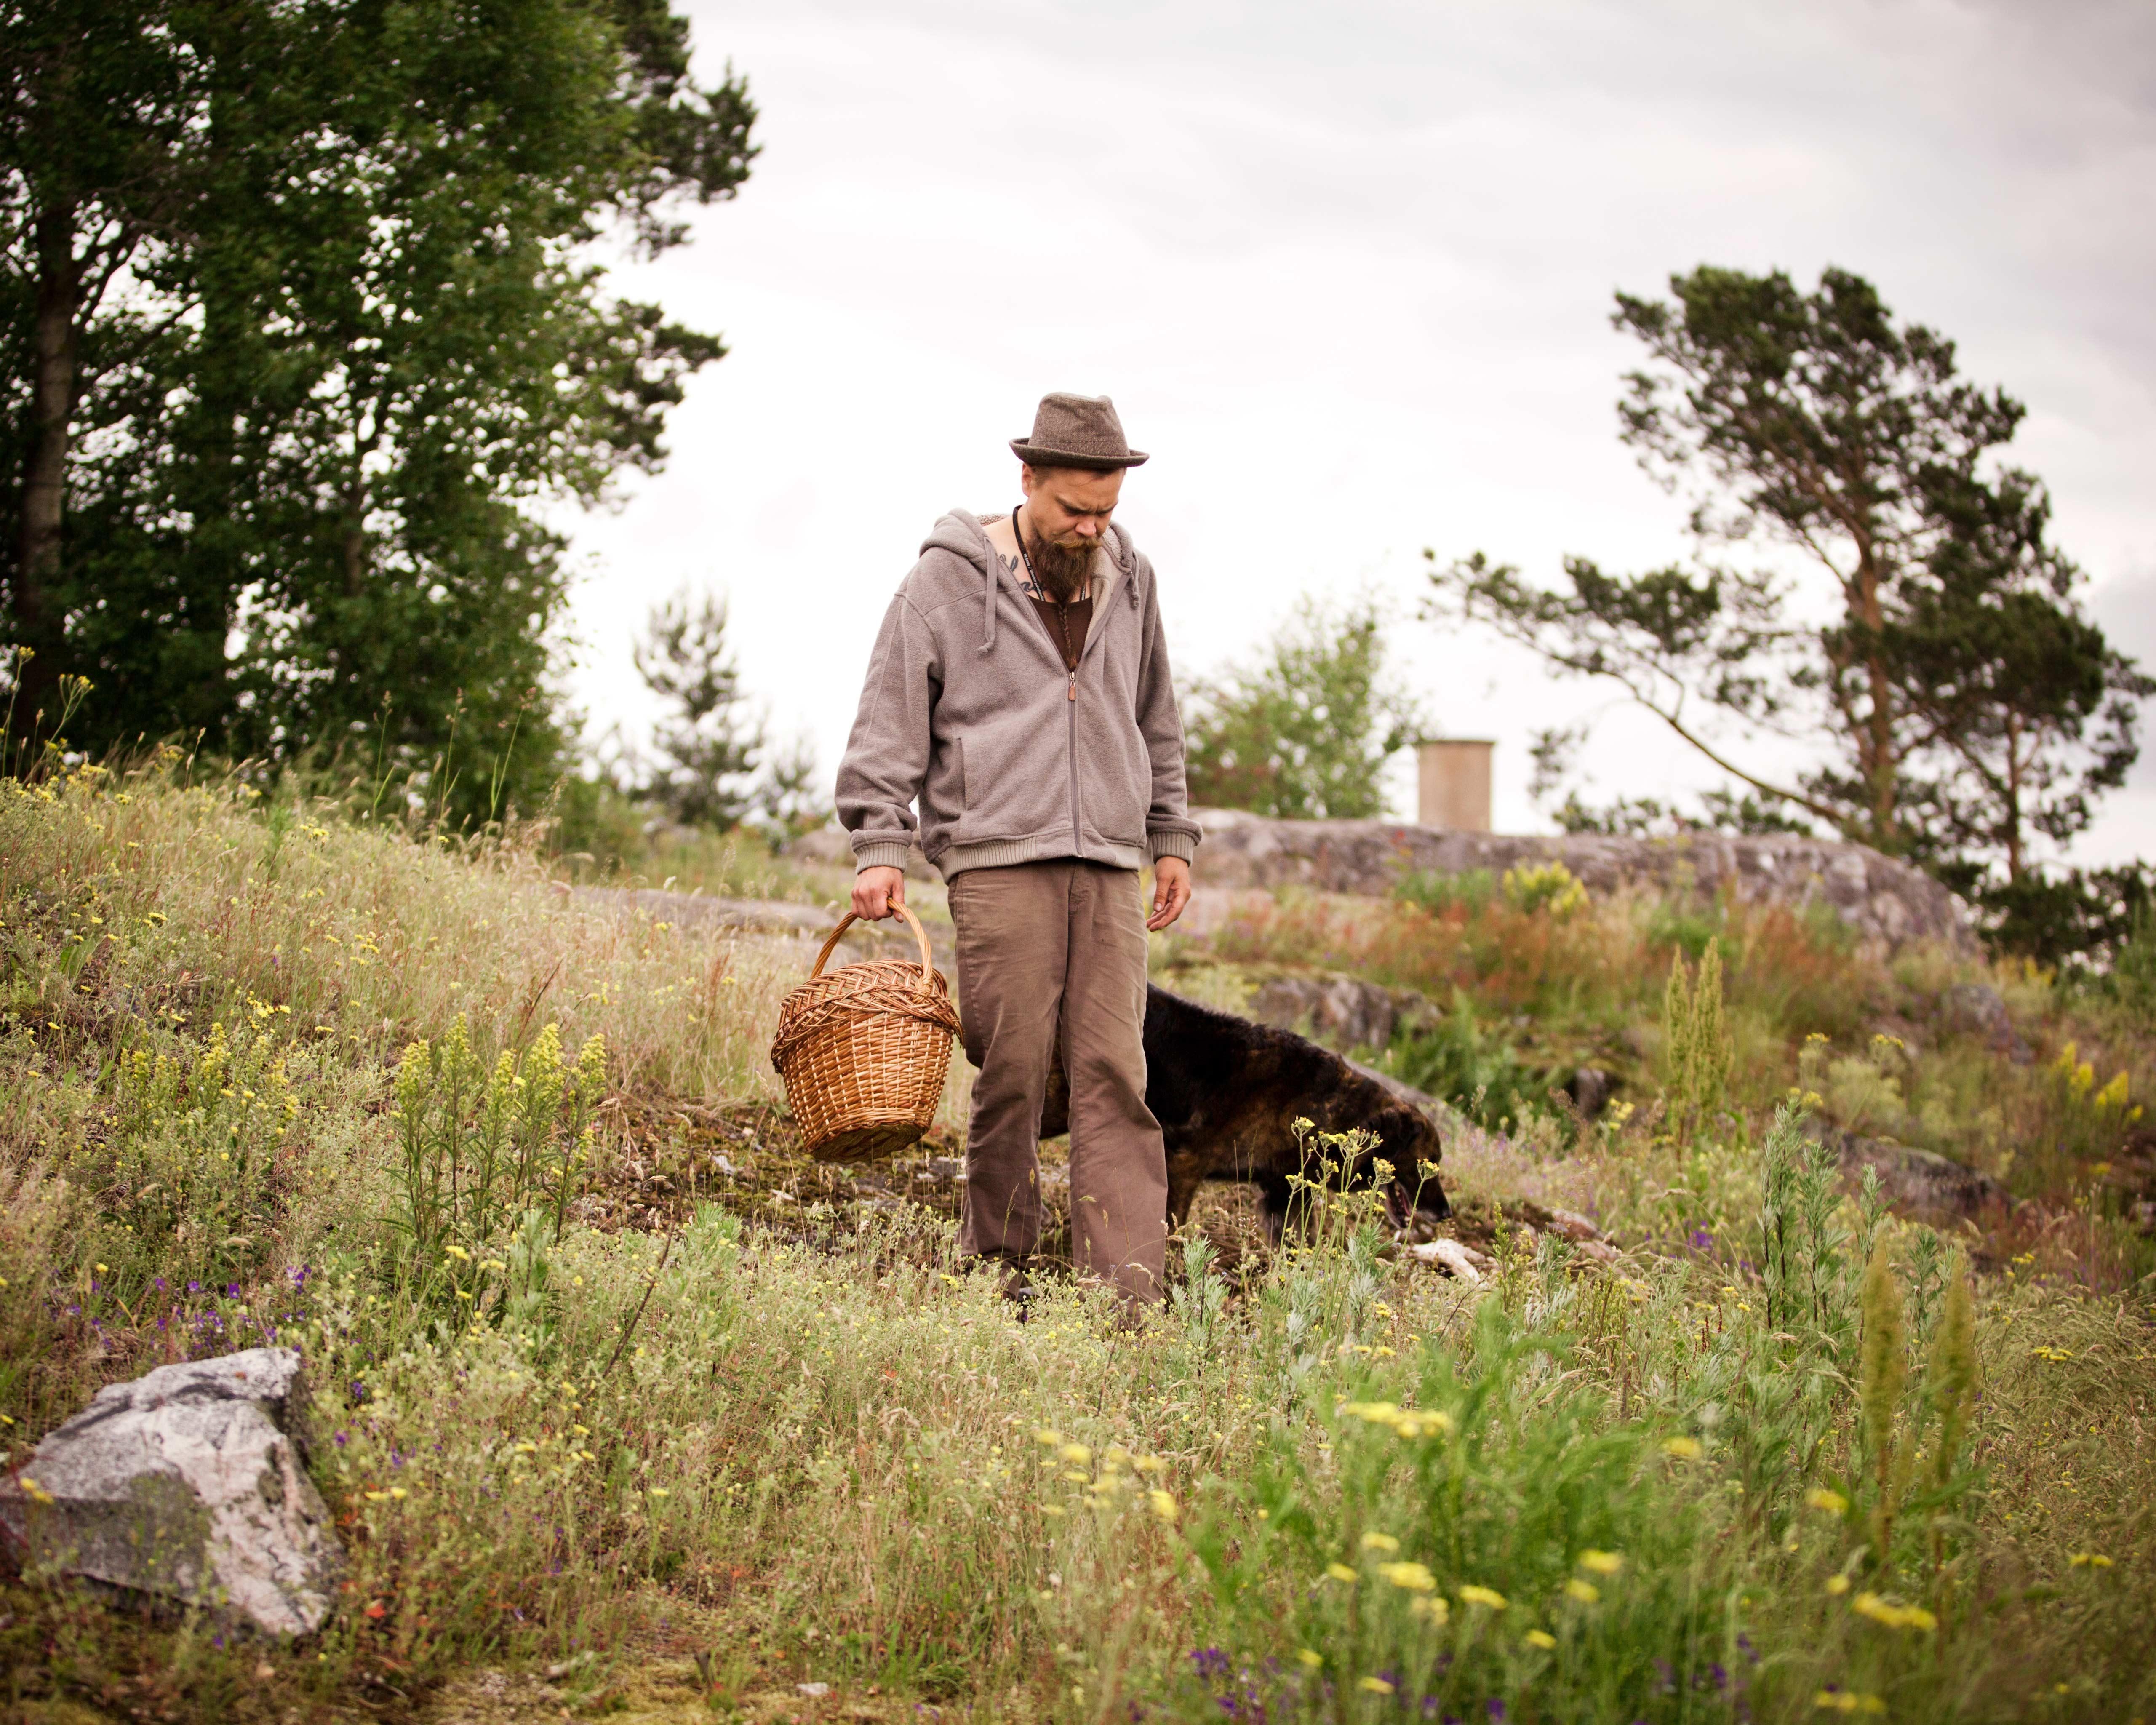 Huck-HelsinkiRewilding-Photoby-OssiPiispanen-Web9